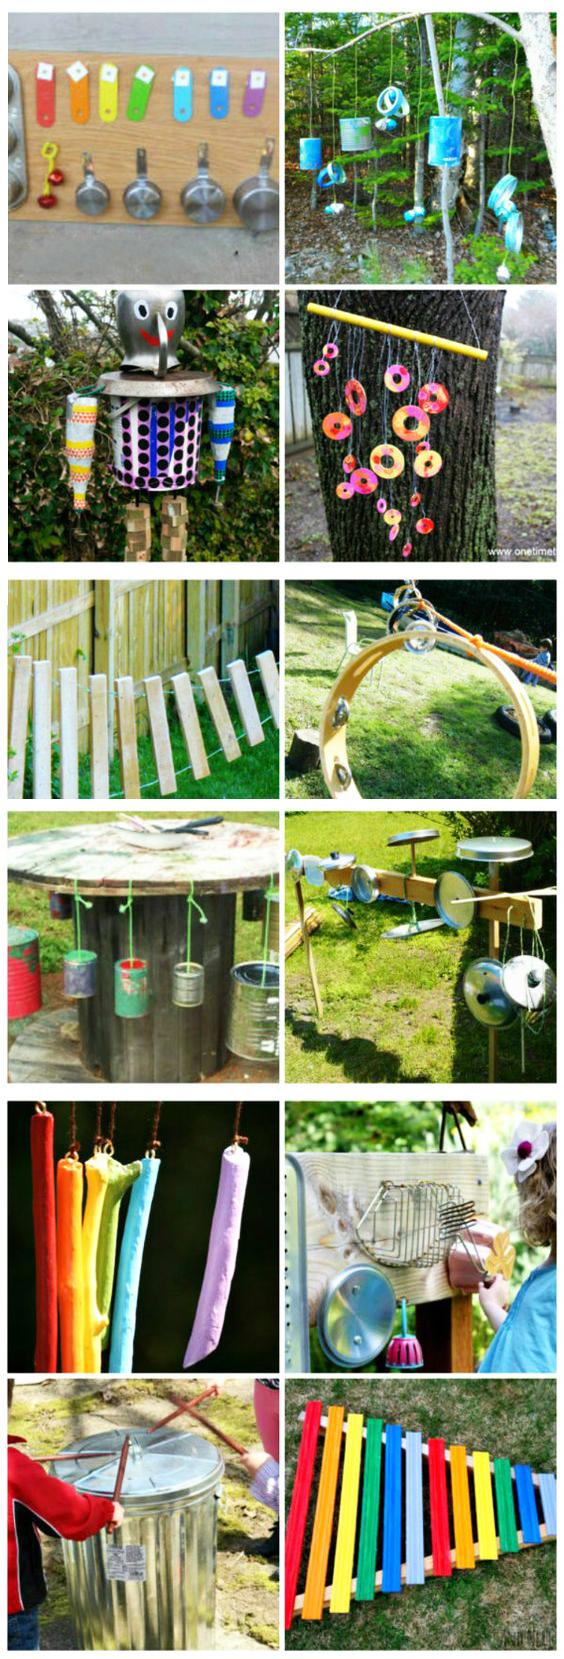 【环境创设】幼儿园建构式课程——大班第二主题《中国娃》